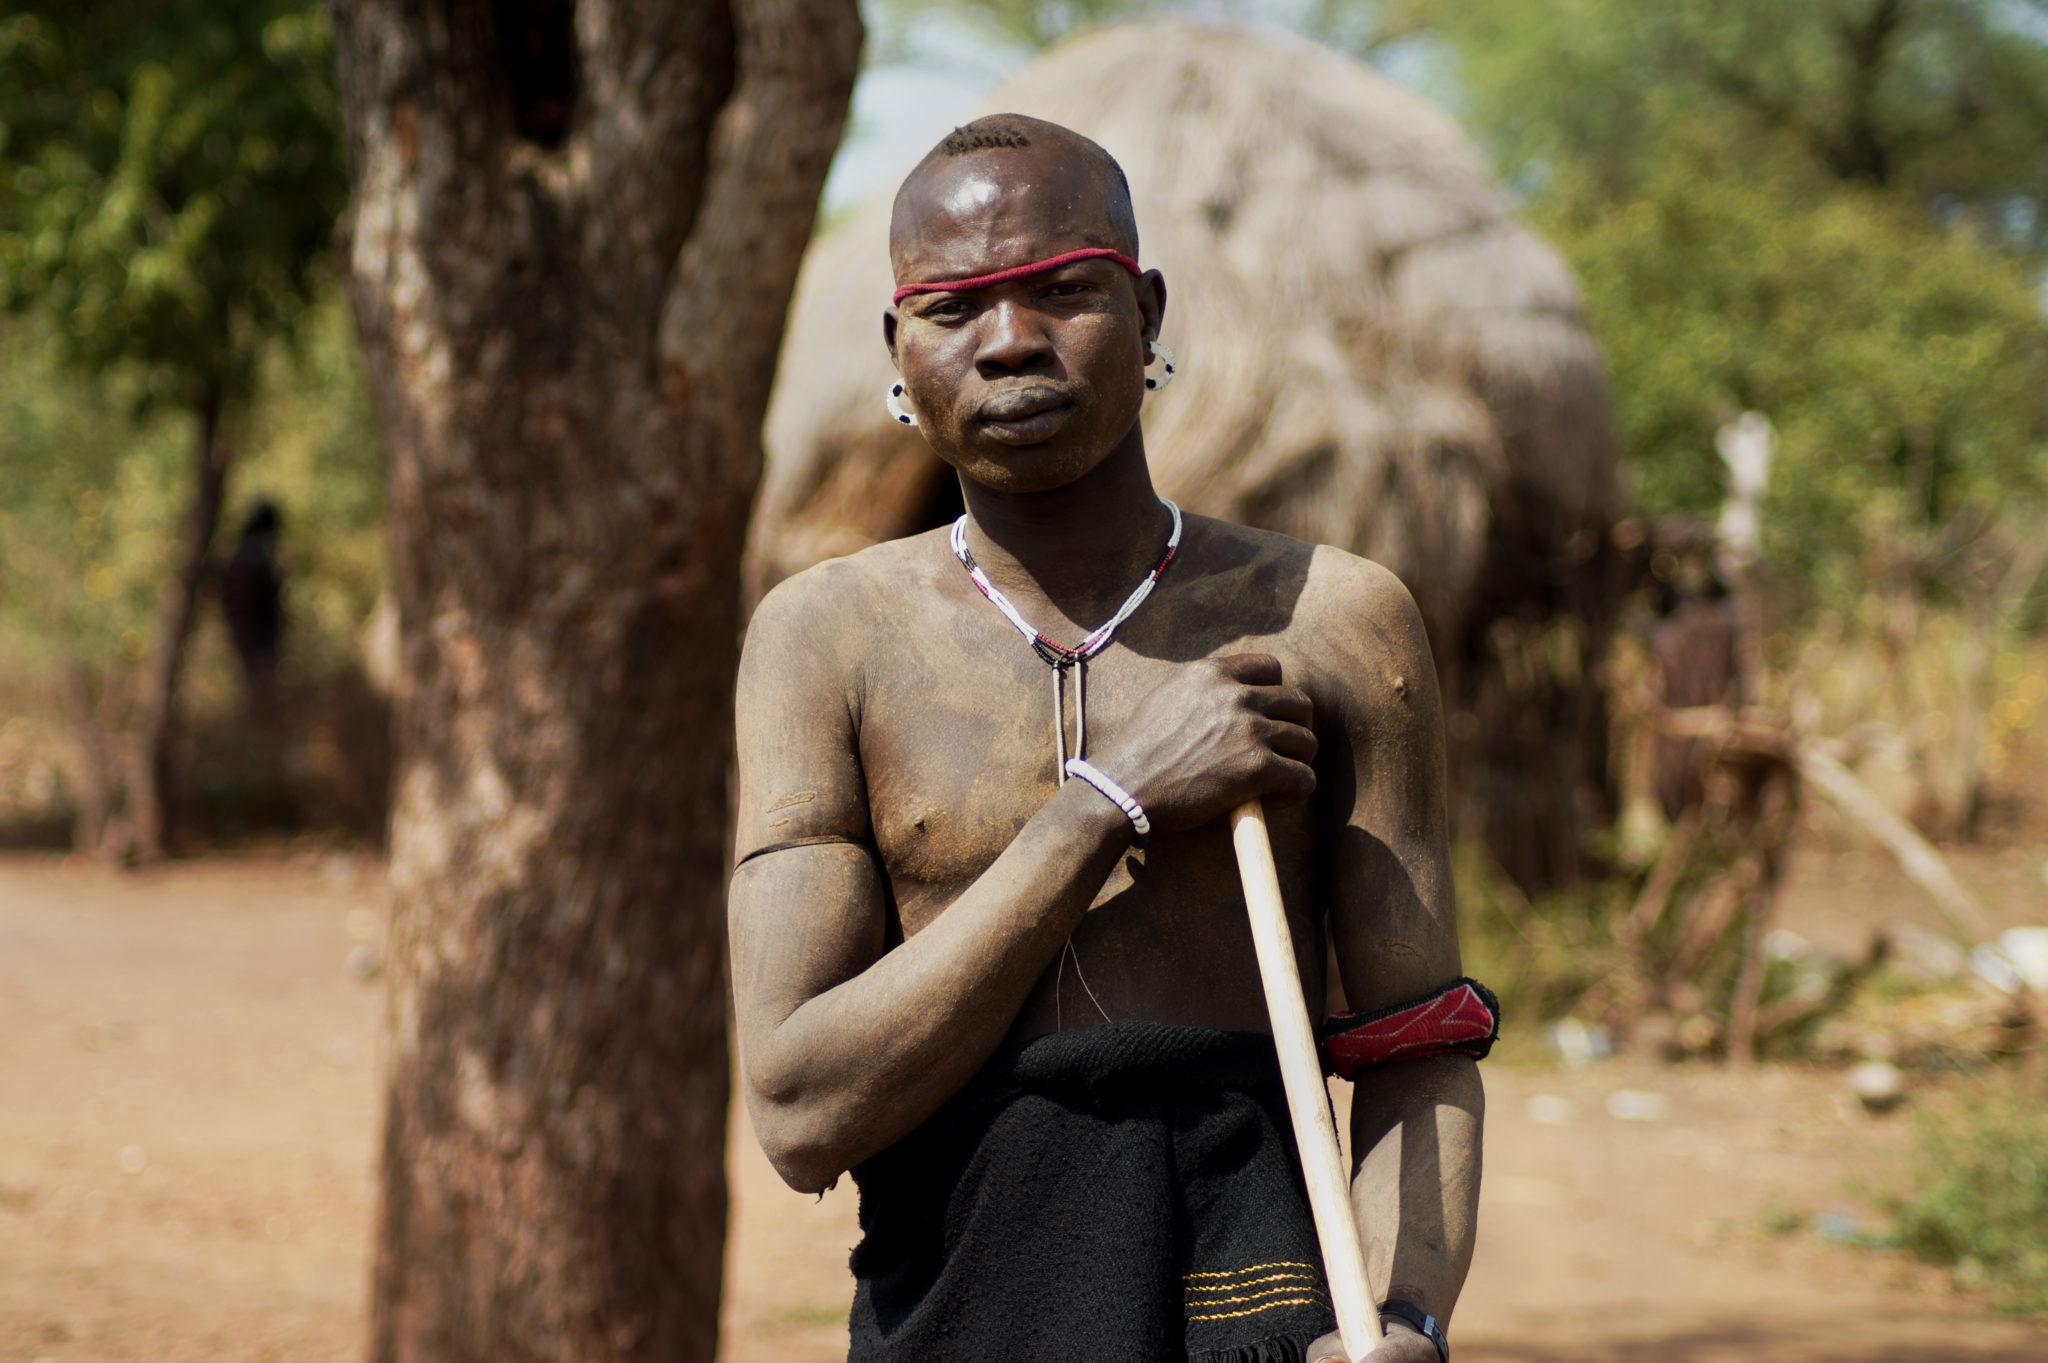 mursi-volk-aethiopien-krieger-holzstab